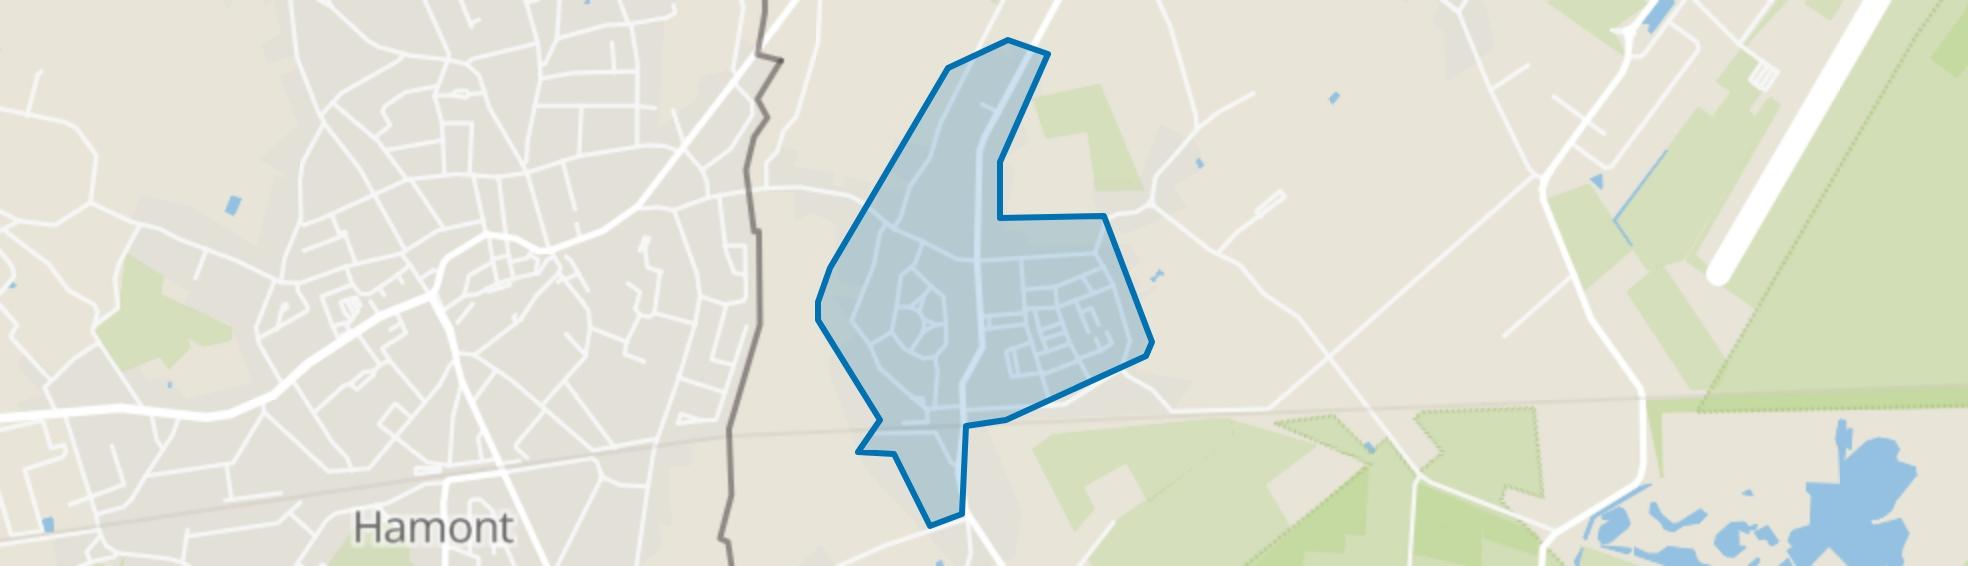 Budel-Schoot, Budel-Schoot map